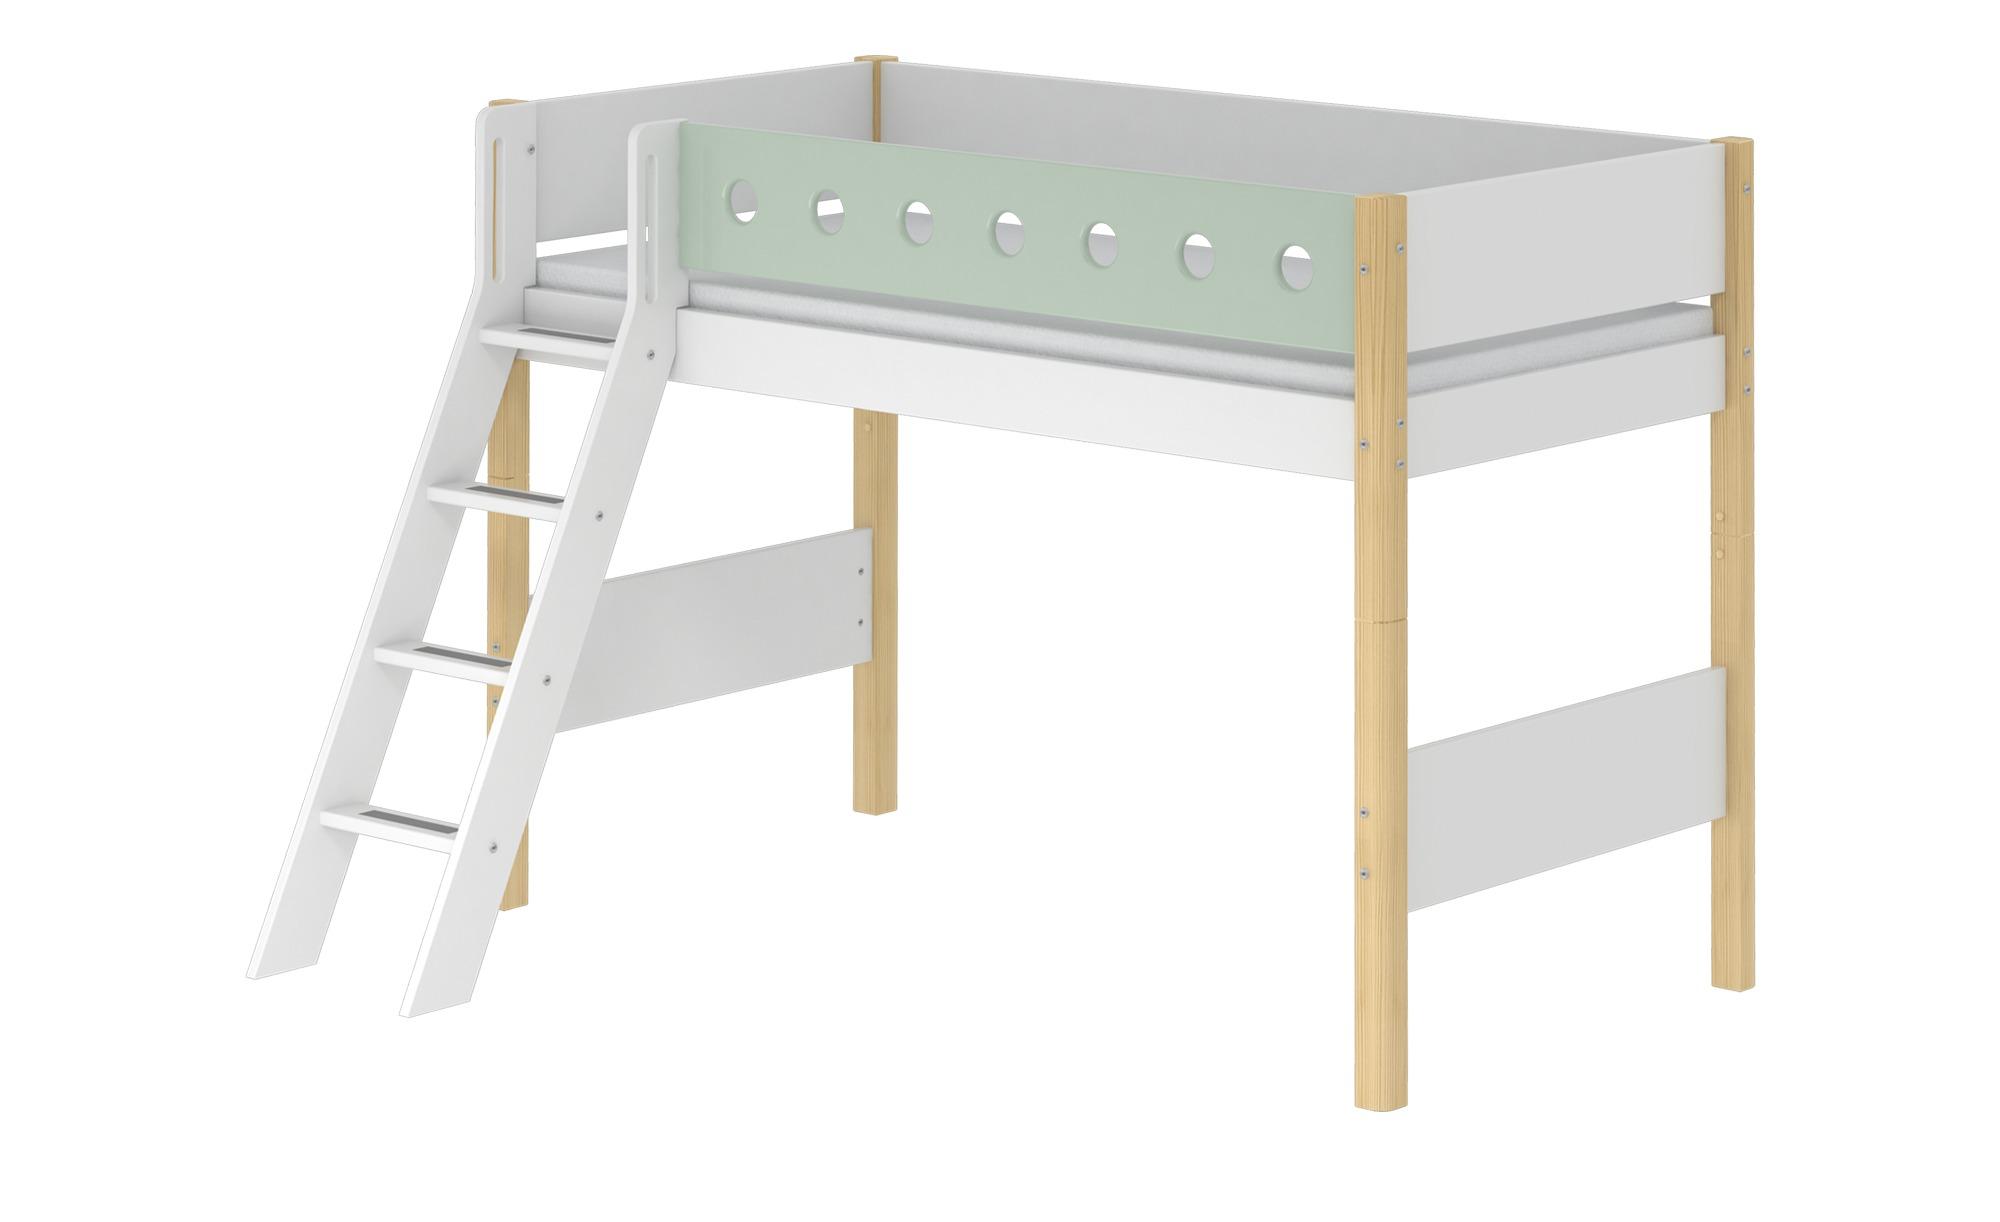 flexa mittelhohes bett mit leiter flexa white breite 159 cm h he 143 cm online kaufen bei woonio. Black Bedroom Furniture Sets. Home Design Ideas